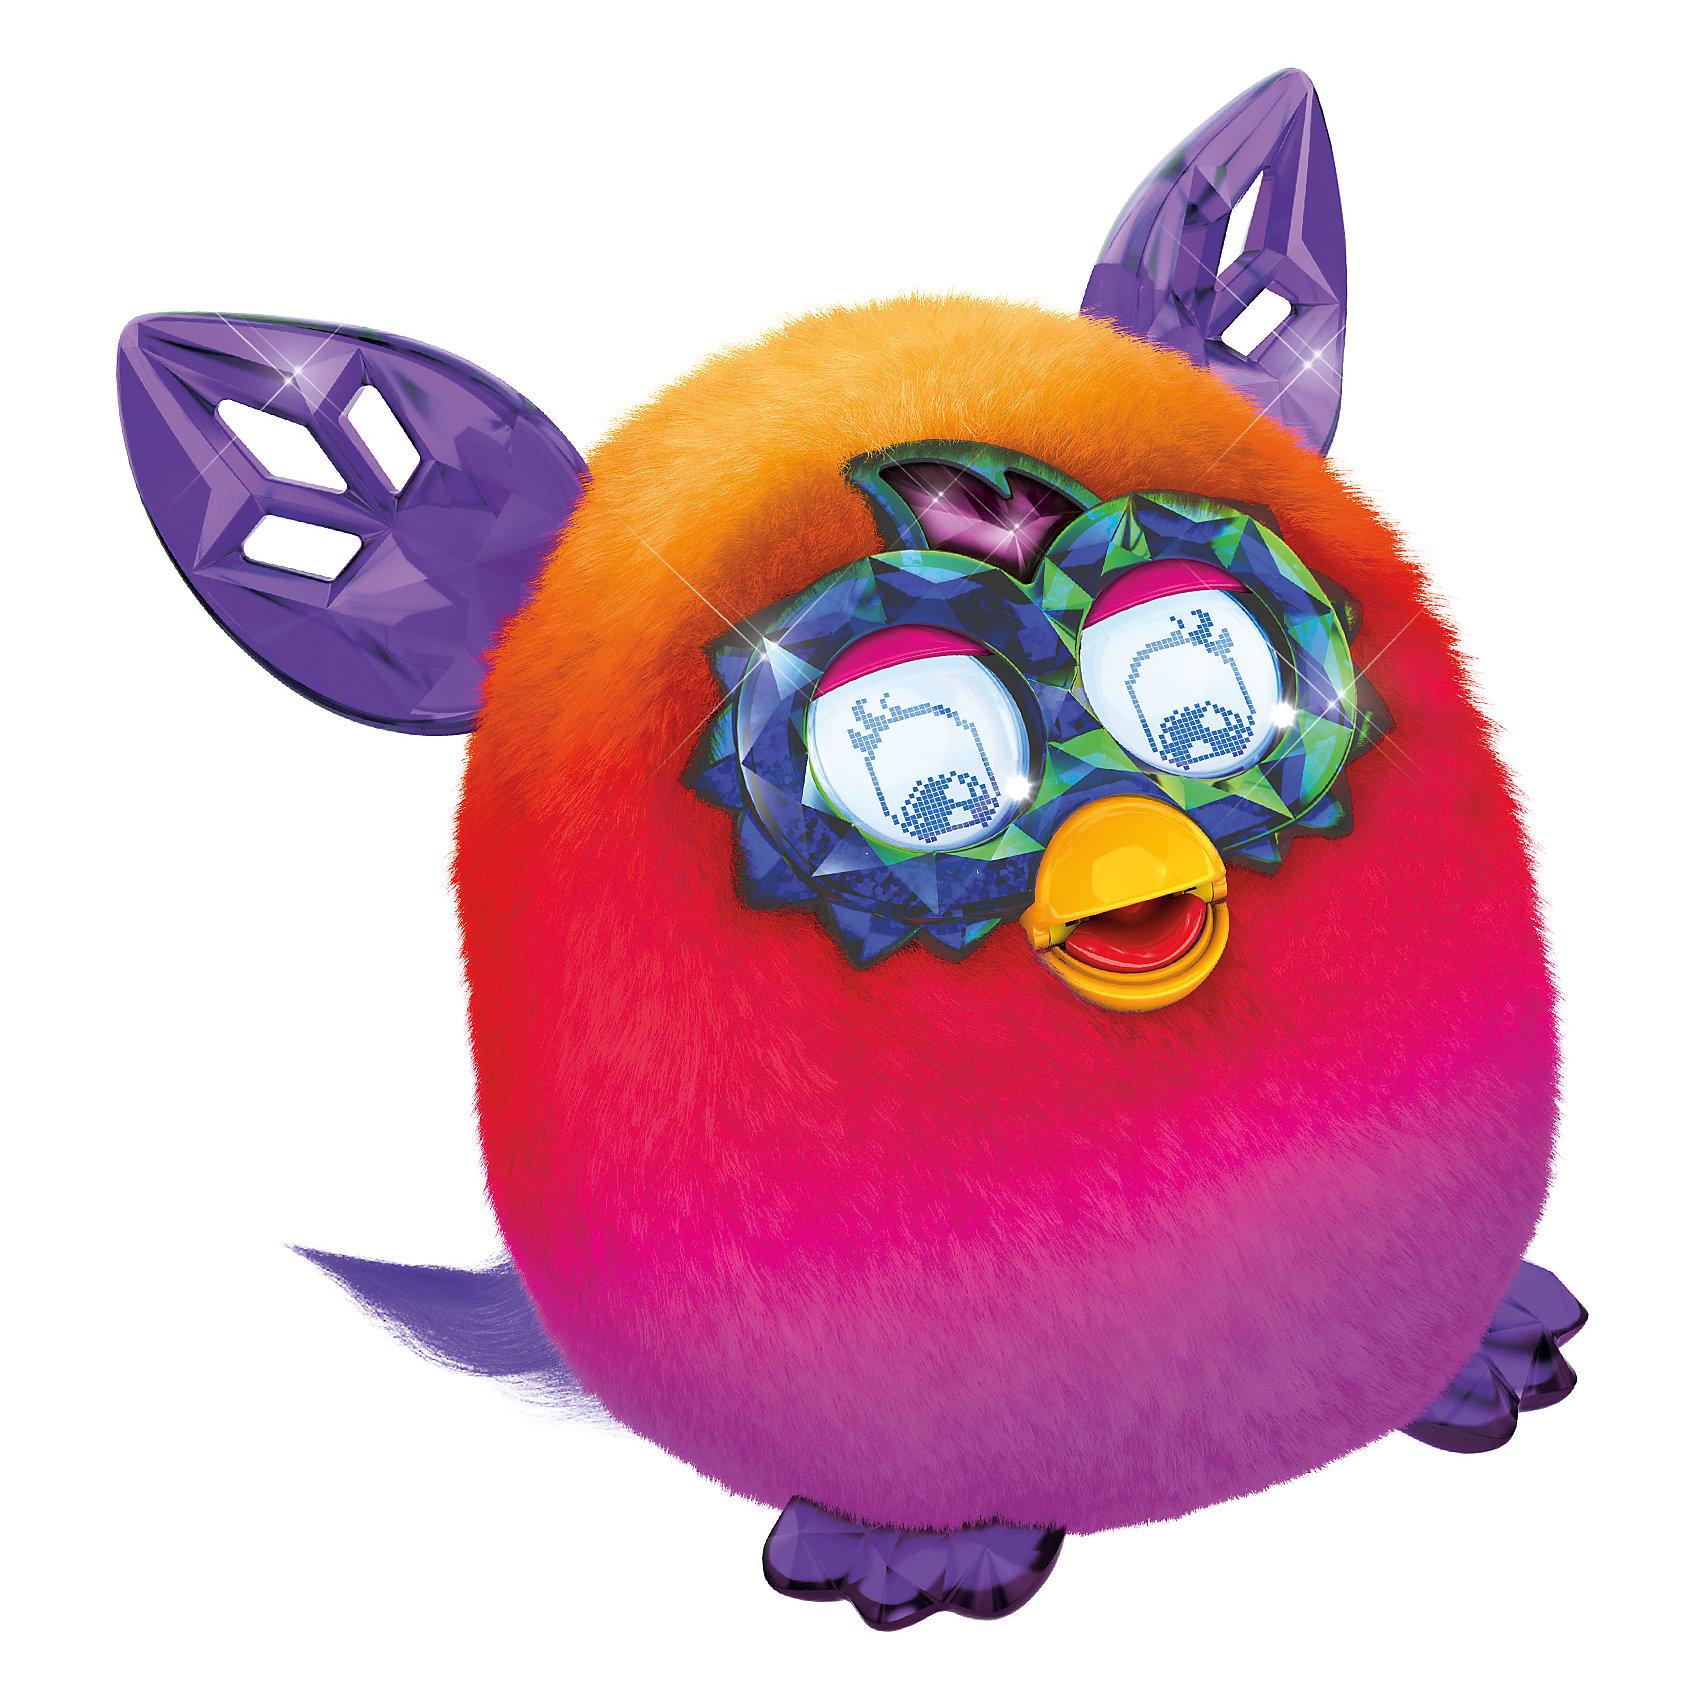 Интерактивная игрушка Furby Crystal (Ферби Кристал) Розово-оранжевыйИнтерактивная игрушка Furby Crystal (Ферби Кристал) Розово-оранжевый - это уникальная игрушка, которая станет отличным подарком для детей.<br>Ты только посмотри на этого красавца! Мохнатые любимцы вновь изменили образ! Фёрби Кристал имеют совершенно новый контент и, как все Фёрби обладают разными кристальными характерами - Принцесса, Болтун, Музыкант, Злюка, Сумасшедший. Питомец разговаривает на фербише и на русском языке. Со временем он также выучит и новые слова и фразы. А еще твой любимец сможет запомнить свое имя и имена своих друзей, с которыми будет общаться. У него очень яркая и красивая шубка с нежными переливами, резные ушки и симпатичная мордашка. Уши, лапки и глаза выглядят как кристаллы, отчего малыш и получил такое название. Глаза у нового Furby Cristal стали еще более функциональными и с более богатой анимацией. У этого малыша есть масса интересных функций. Он умеет размножаться в виртуальном пространстве. Посмотри, из яйца вылупился маленький Ферблинг, который будет с удовольствием общаться со своим родителем. Только существа из коллекции Ферби Кристалл, такие радужные и непредсказуемые, и умеют играть с бесплатным новым приложением!<br><br>Дополнительная информация:<br><br>- Высота: 13 см.<br>- Цвет: розово-оранжевый<br>- Материал: пластмасса, текстиль<br>- Батарейки: 4 типа 1,5 V AA (в комплект не входят)<br>- Размер упаковки: 20 x 20 x 12 см.<br>- Вес: 765 гр.<br><br>Интерактивную игрушку Furby Crystal (Ферби Кристал) Розово-оранжевый можно купить в нашем интернет-магазине.<br><br>Ширина мм: 124<br>Глубина мм: 200<br>Высота мм: 225<br>Вес г: 765<br>Возраст от месяцев: 72<br>Возраст до месяцев: 1188<br>Пол: Унисекс<br>Возраст: Детский<br>SKU: 4339229